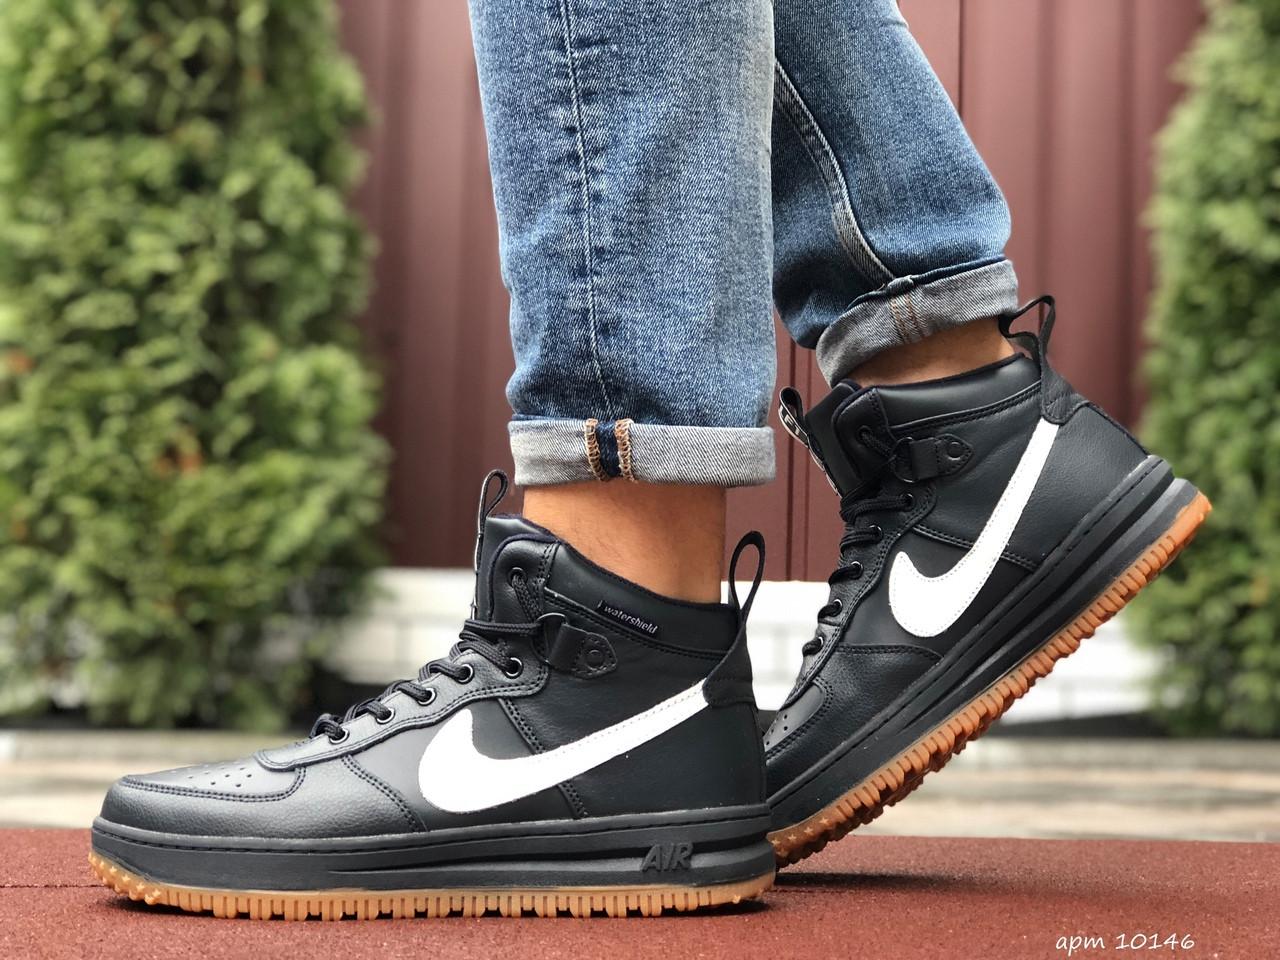 Весенние мужские кроссовки Nike Lunar Force 1 (темно-синие с белым) высокие спортивные кроссы 10146